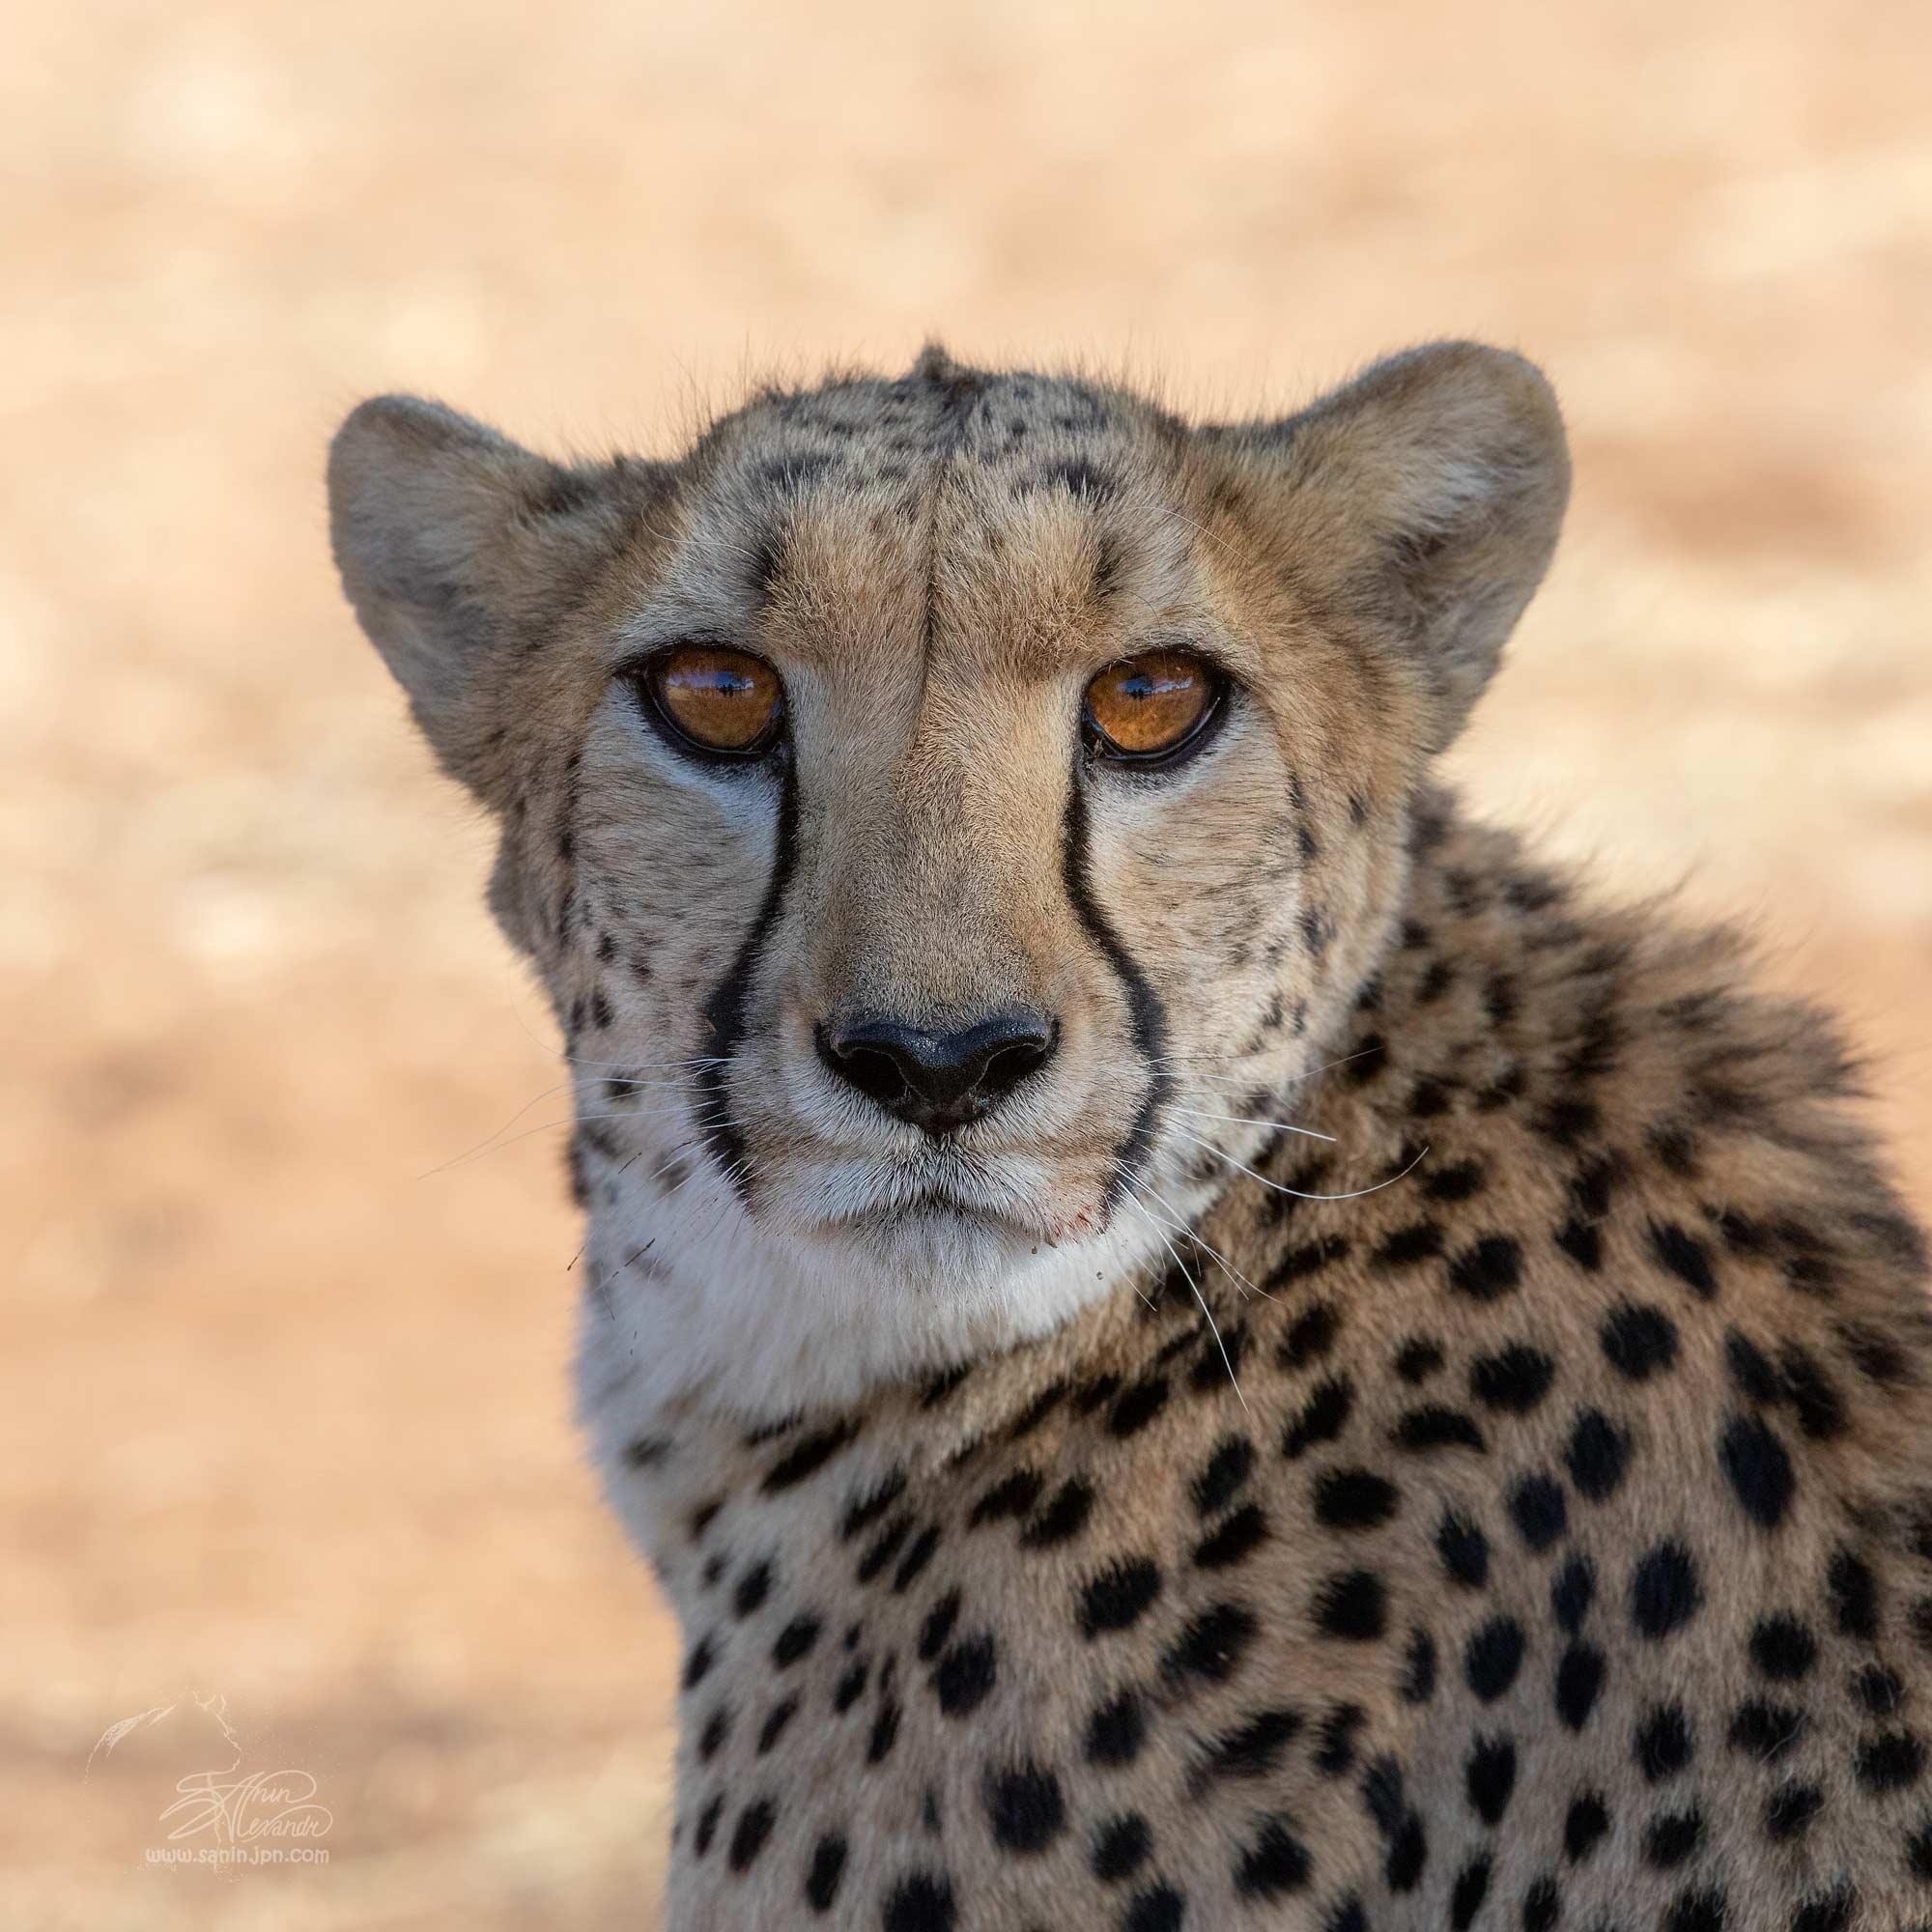 Cheetahs cought dik-dik